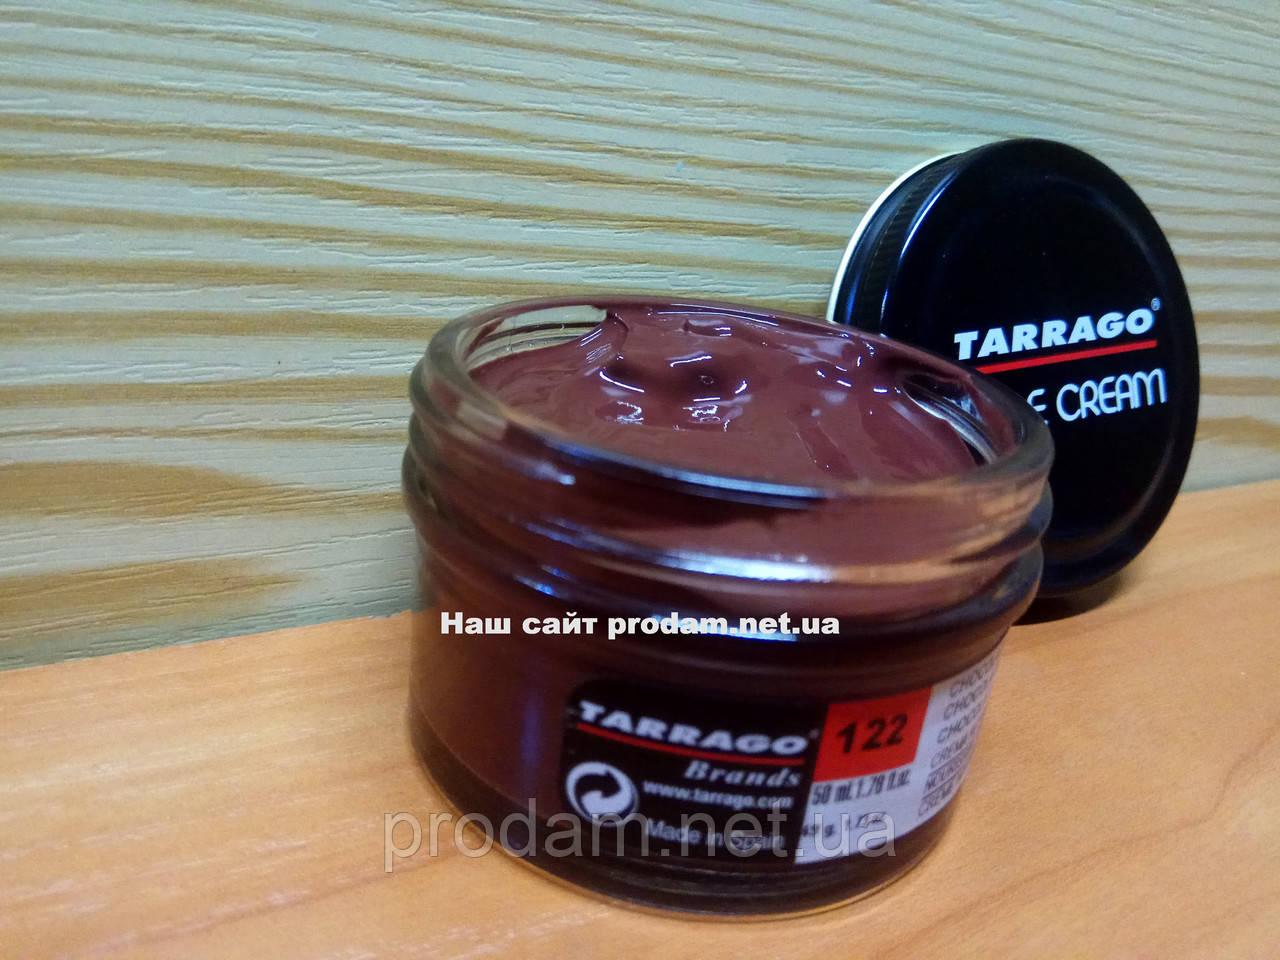 Крем для взуття Tarrago № 122-chocolate,шоколат